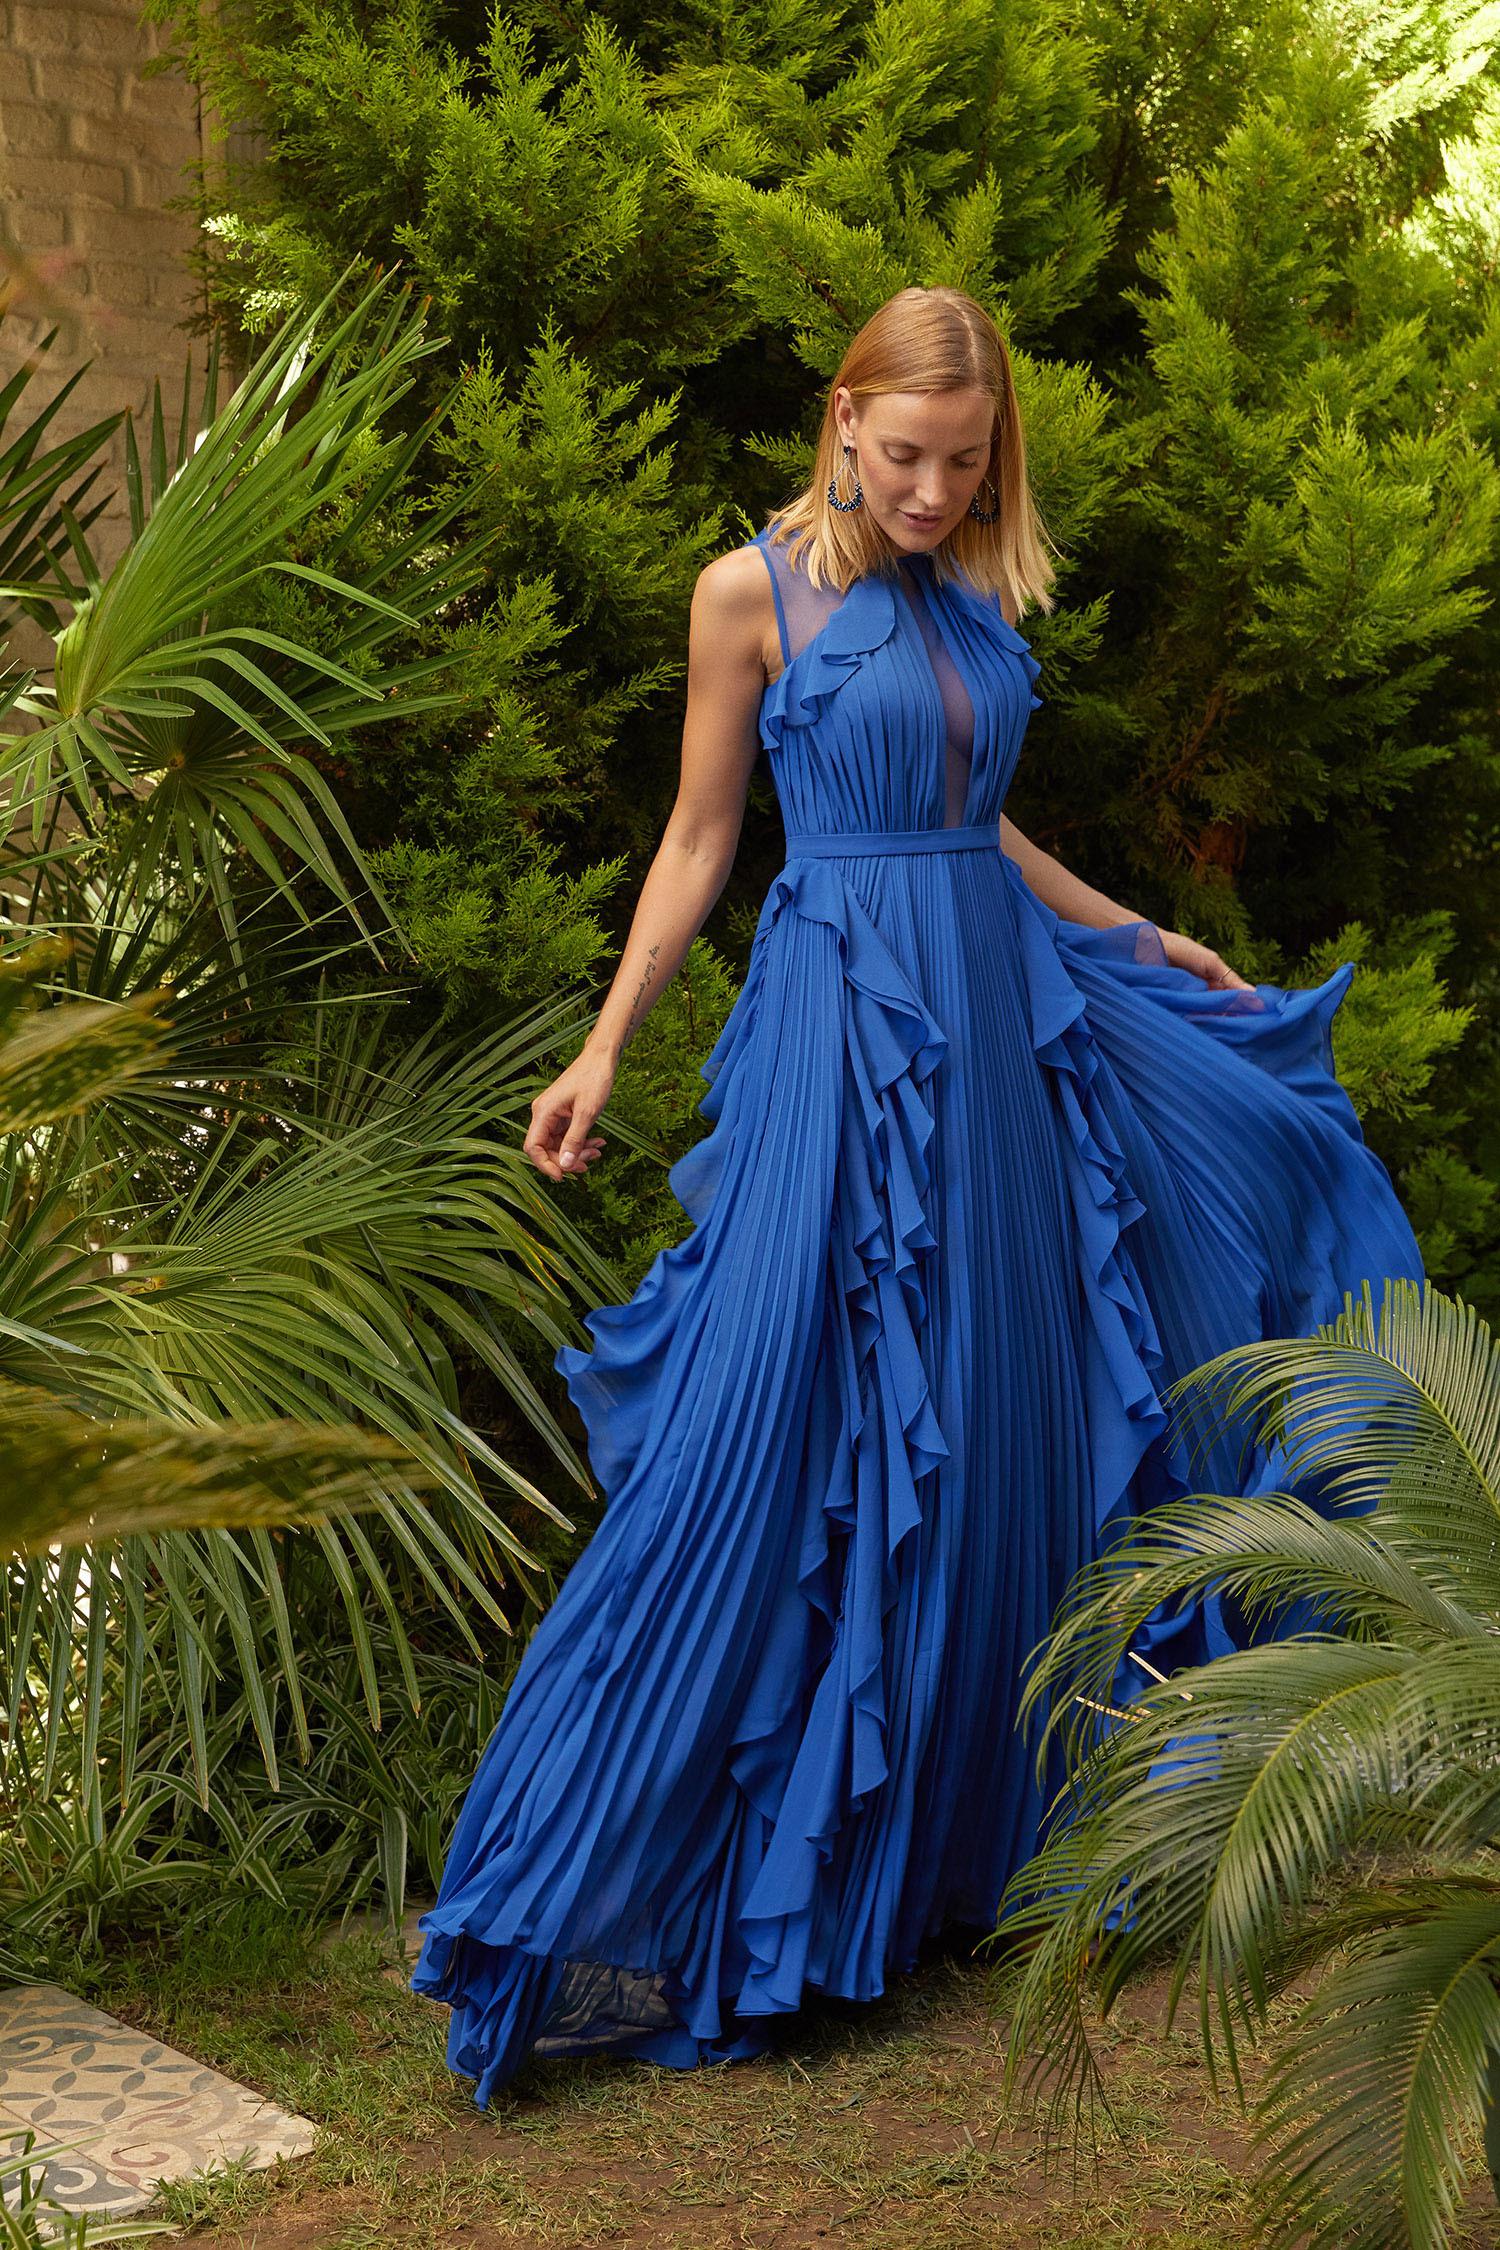 Parlament Mavisi Kolsuz Fırfırlı Şifon Uzun Elbise - Thumbnail